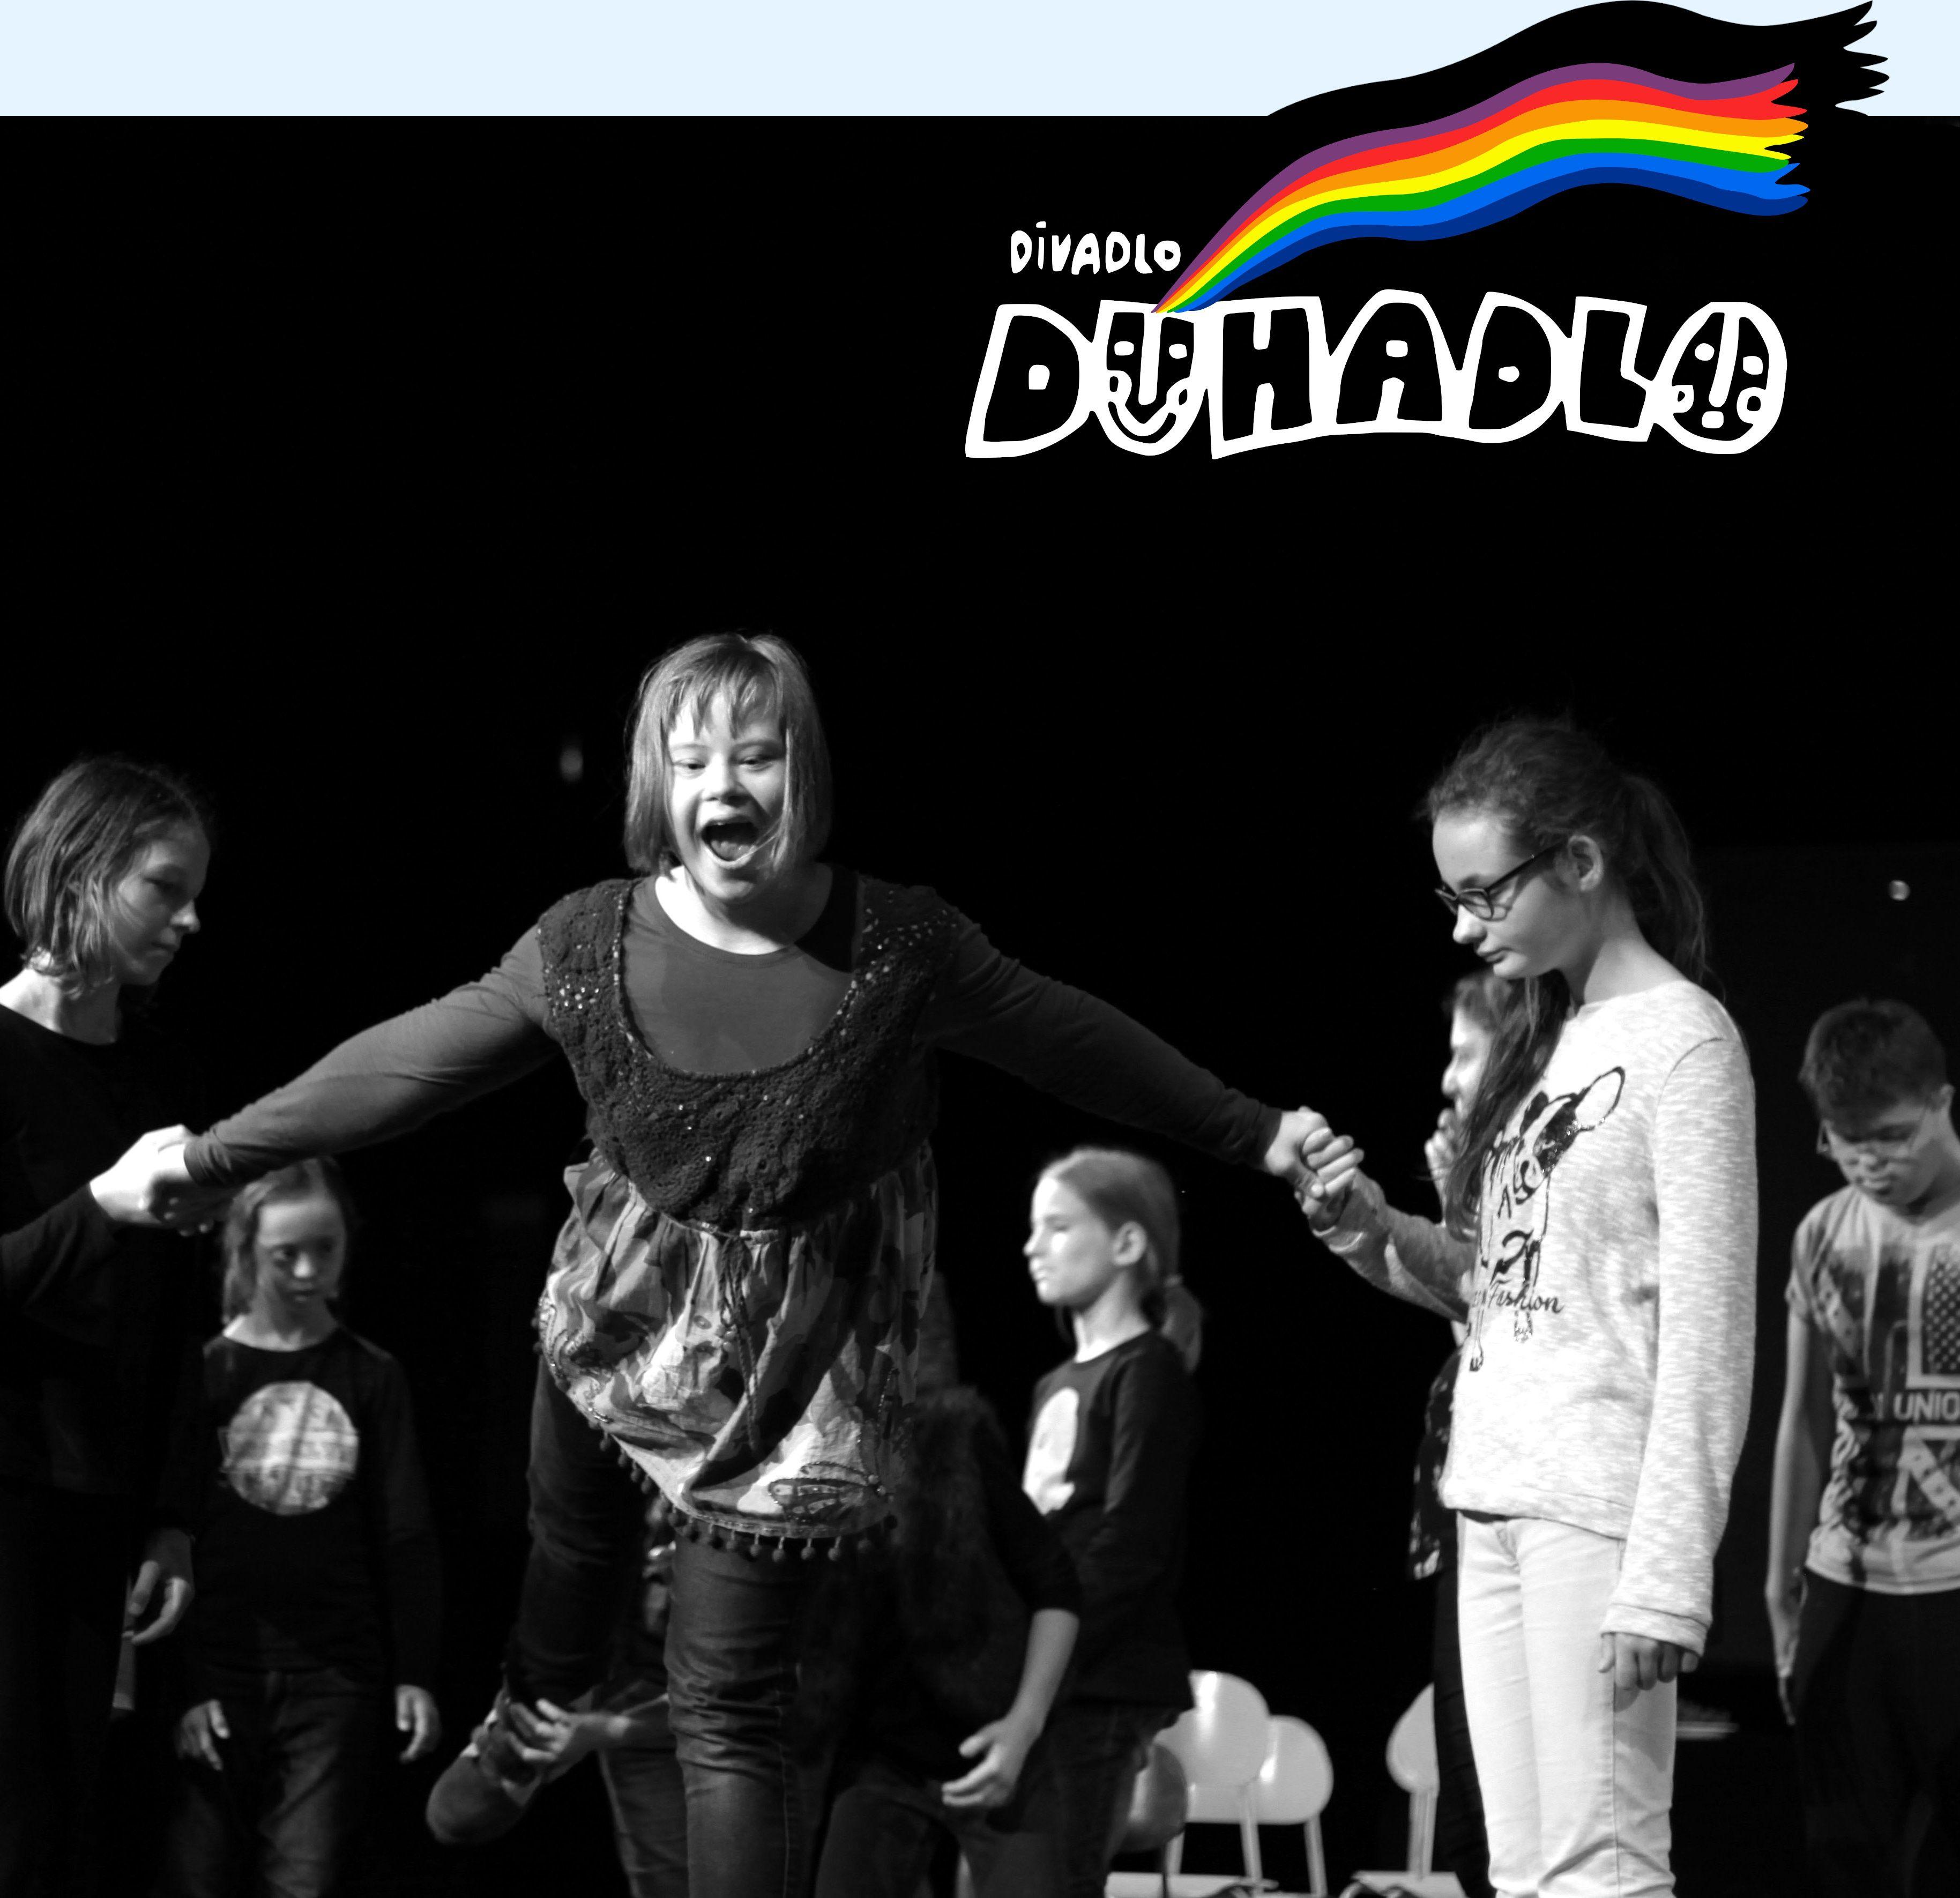 Záber z nácviku predstavenia doplnený o logo Divadlo Dúhadlo